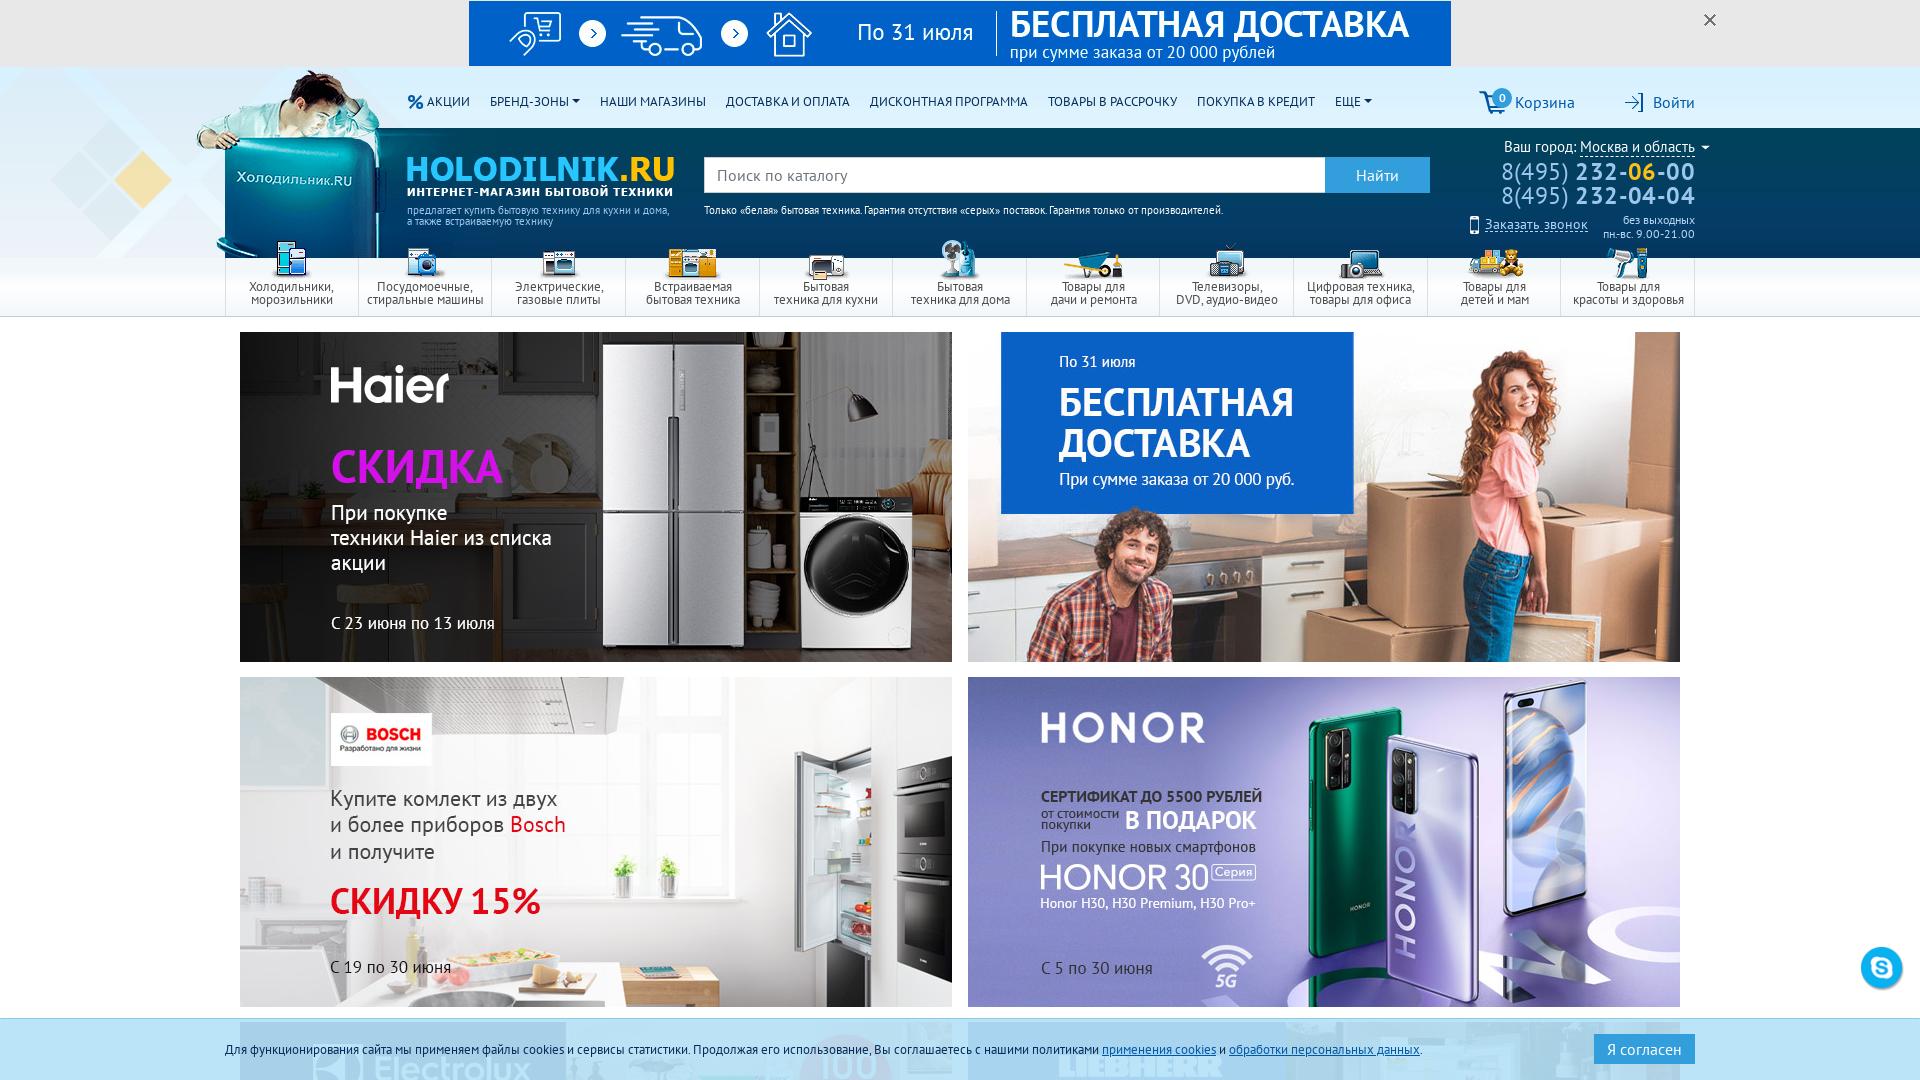 Холодильник website